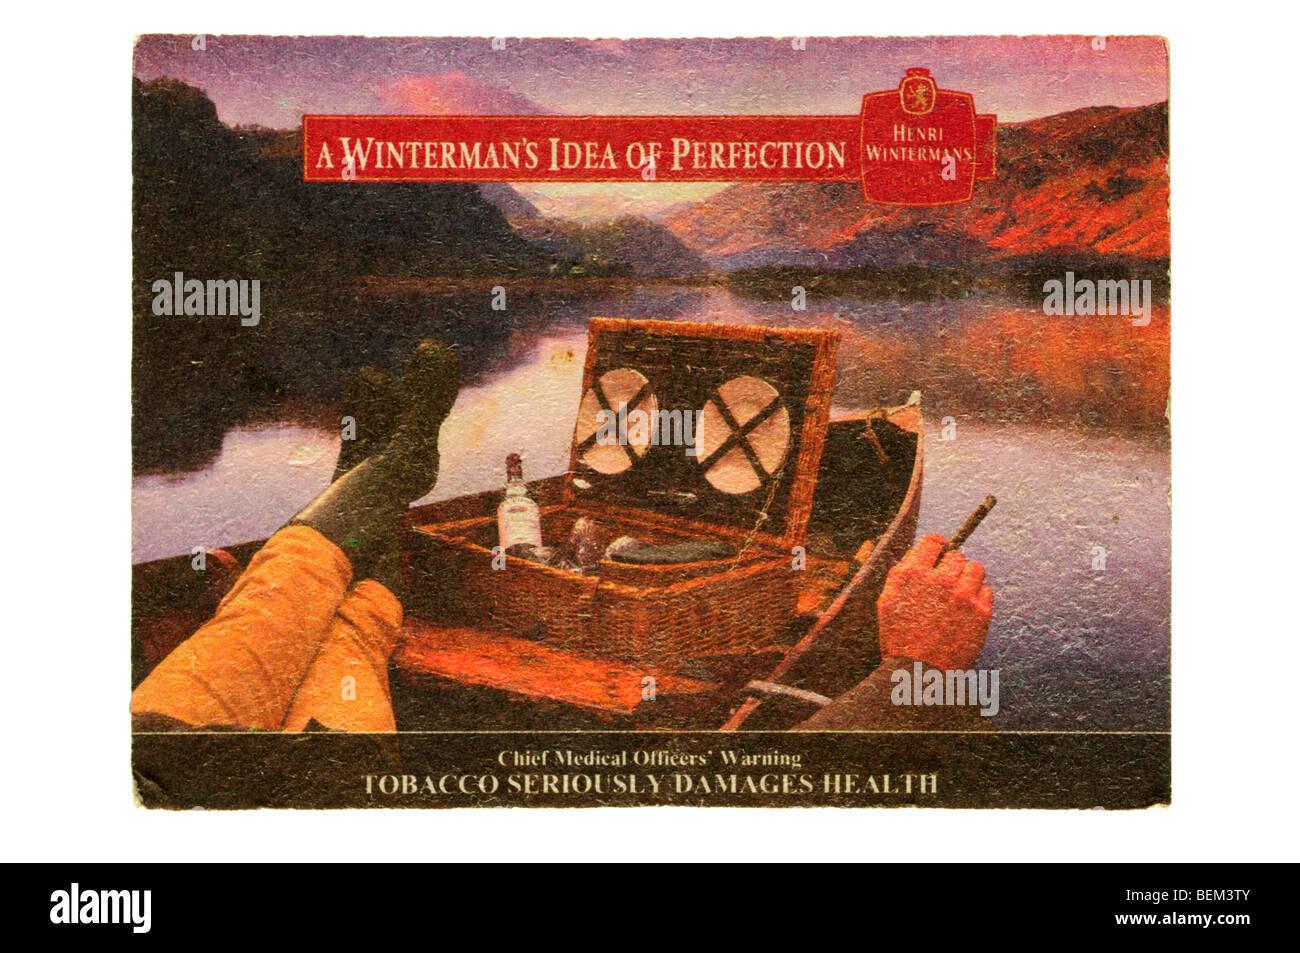 Una idea de la perfección, Henri wintermans winterman tabaco Imagen De Stock